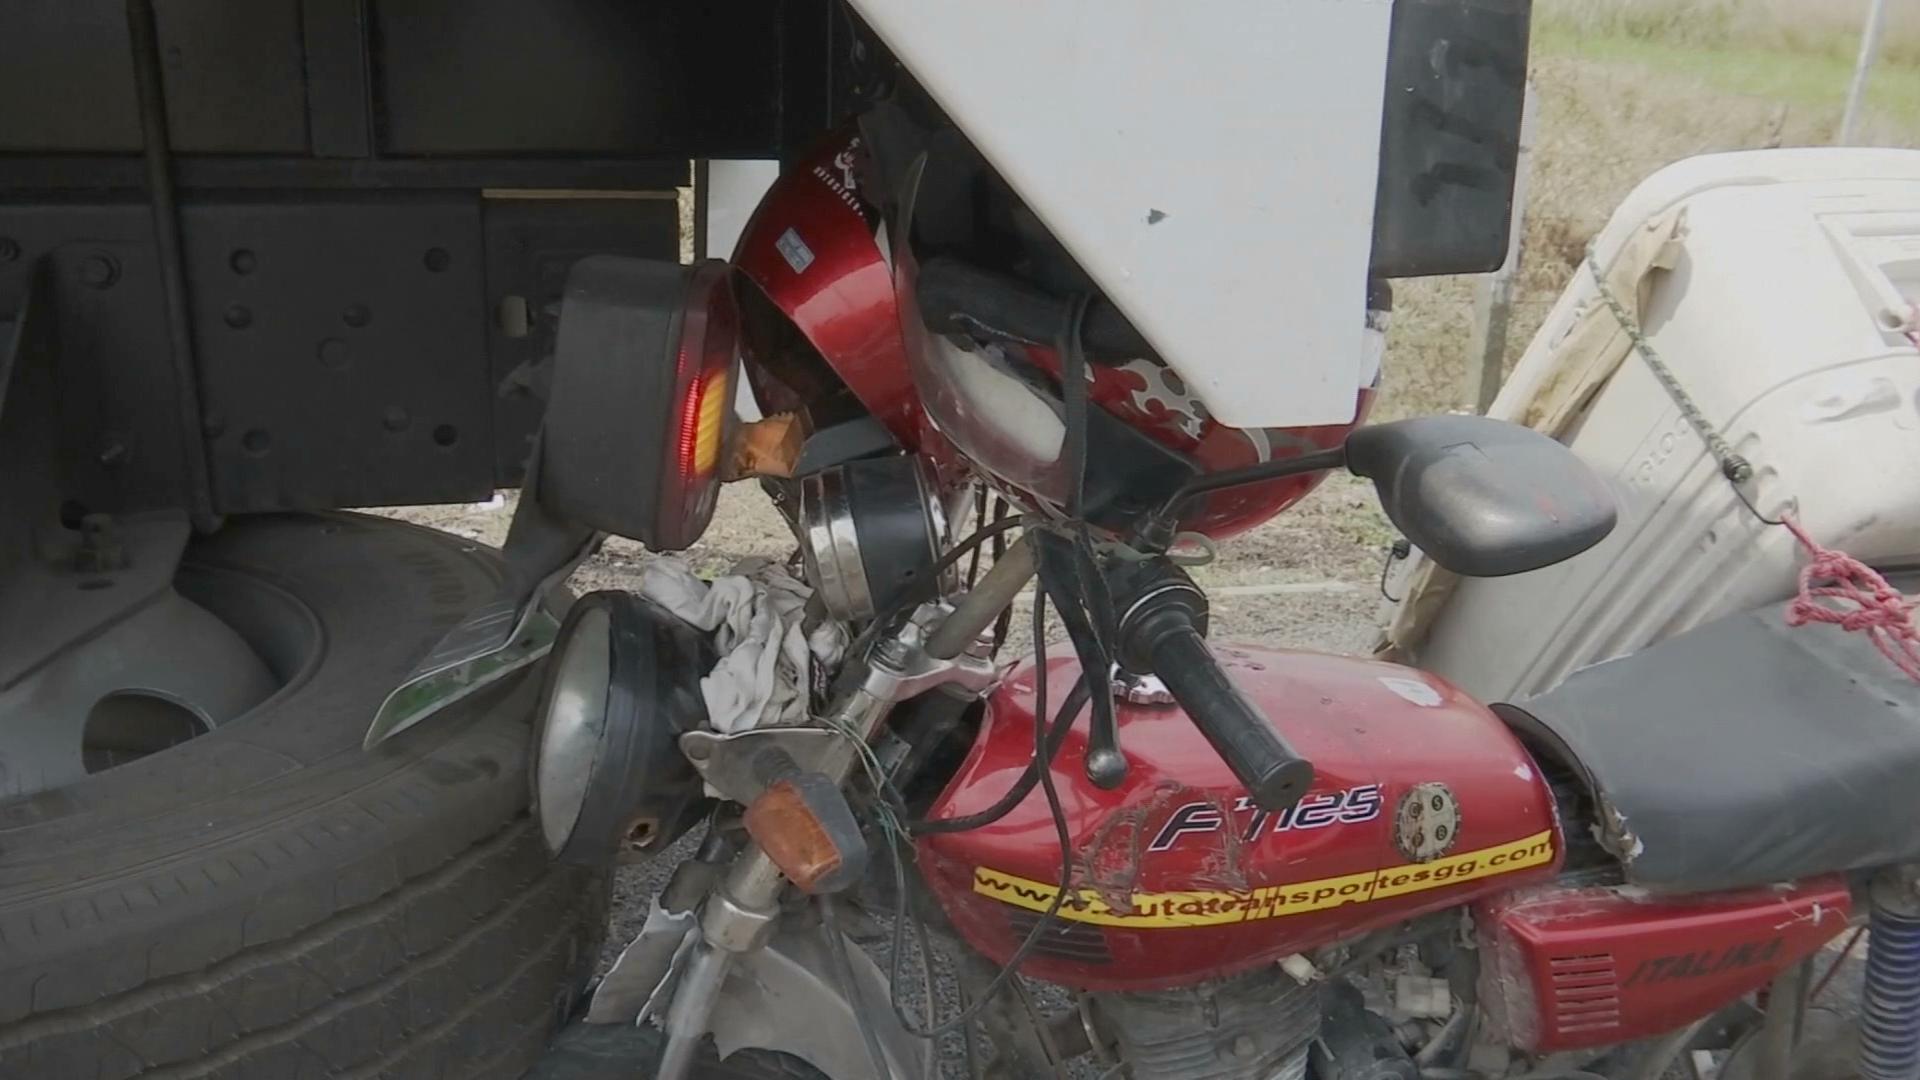 Se duplican muertes de jóvenes por accidentes en motocicletas